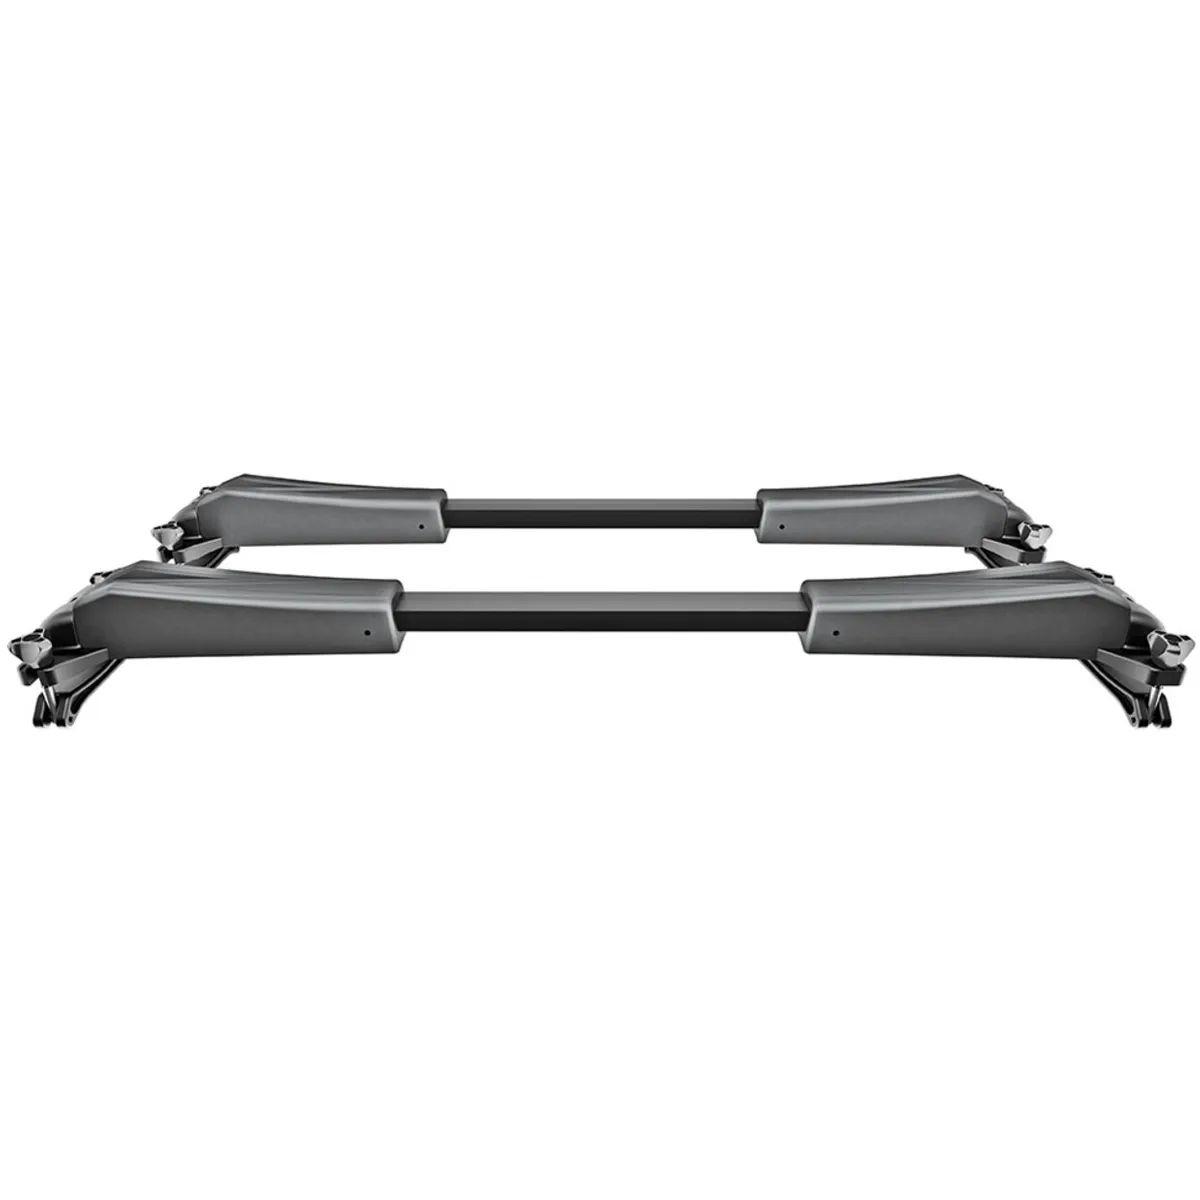 thule board shuttle roof rack